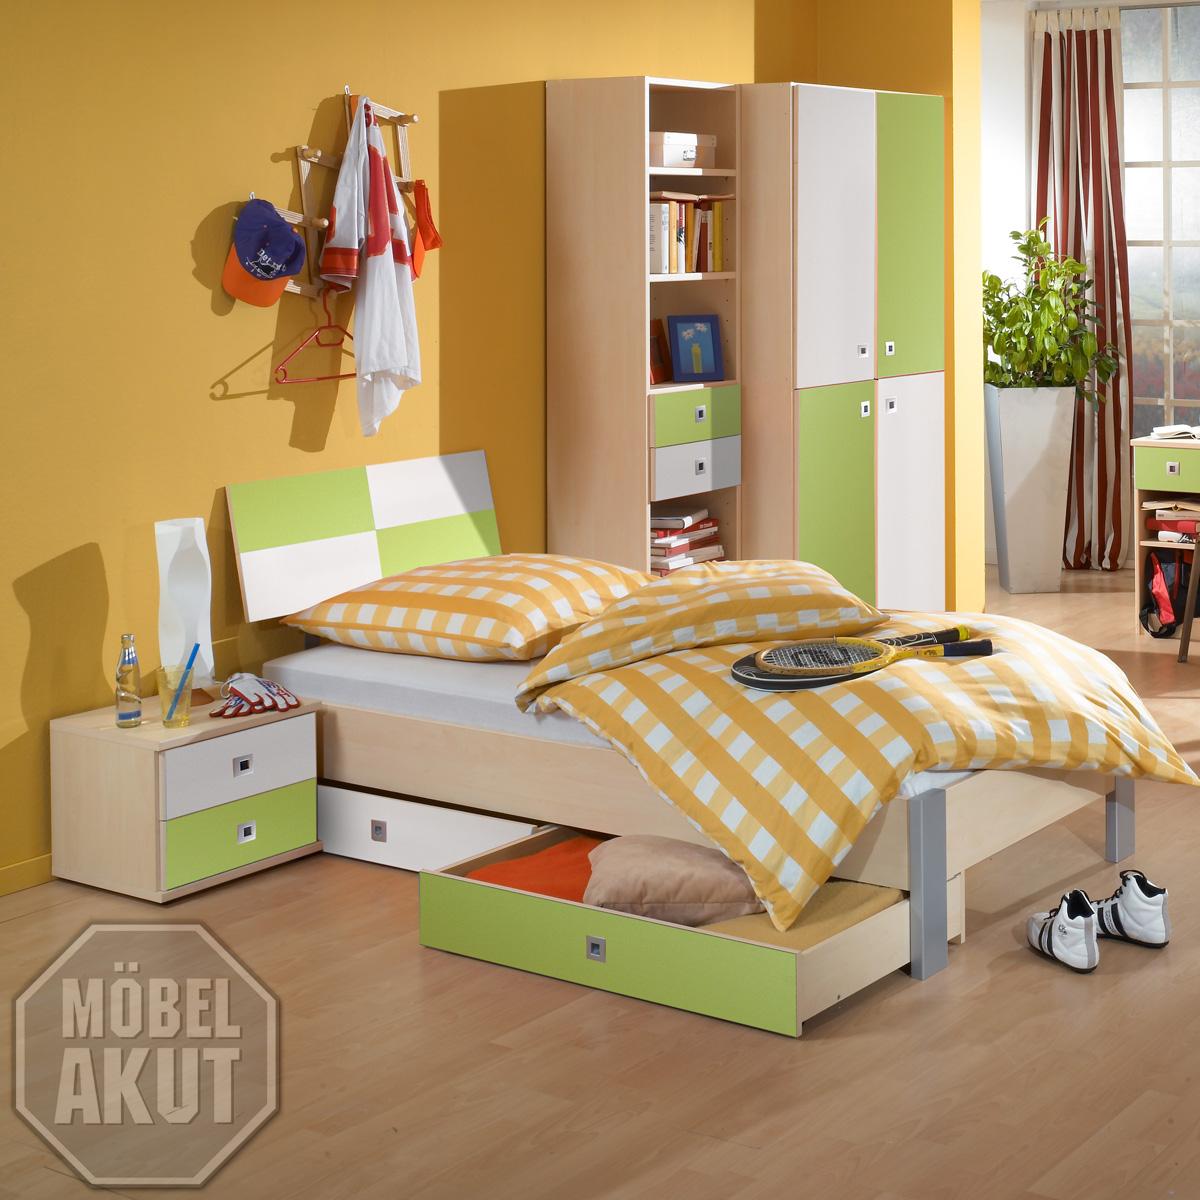 3 tlg jugendzimmer set sando ahorn gr n wei. Black Bedroom Furniture Sets. Home Design Ideas